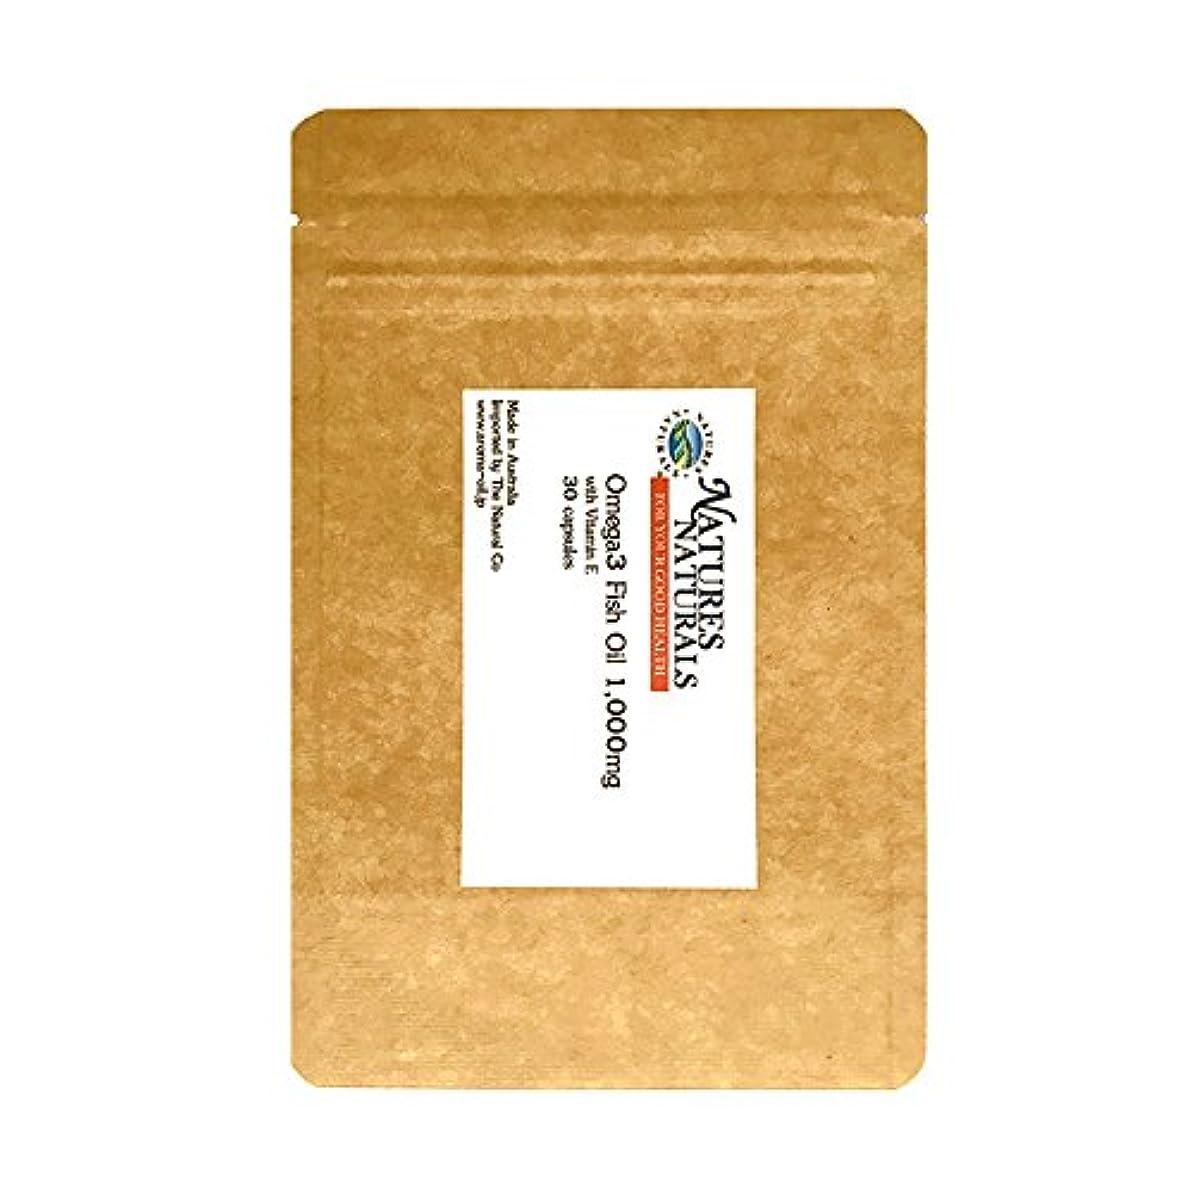 橋脚代理人カフェオメガ3 ビタミンE配合/DHA EPA 1,000mg オーストラリア産サプリメント/30錠 約1ヶ月分